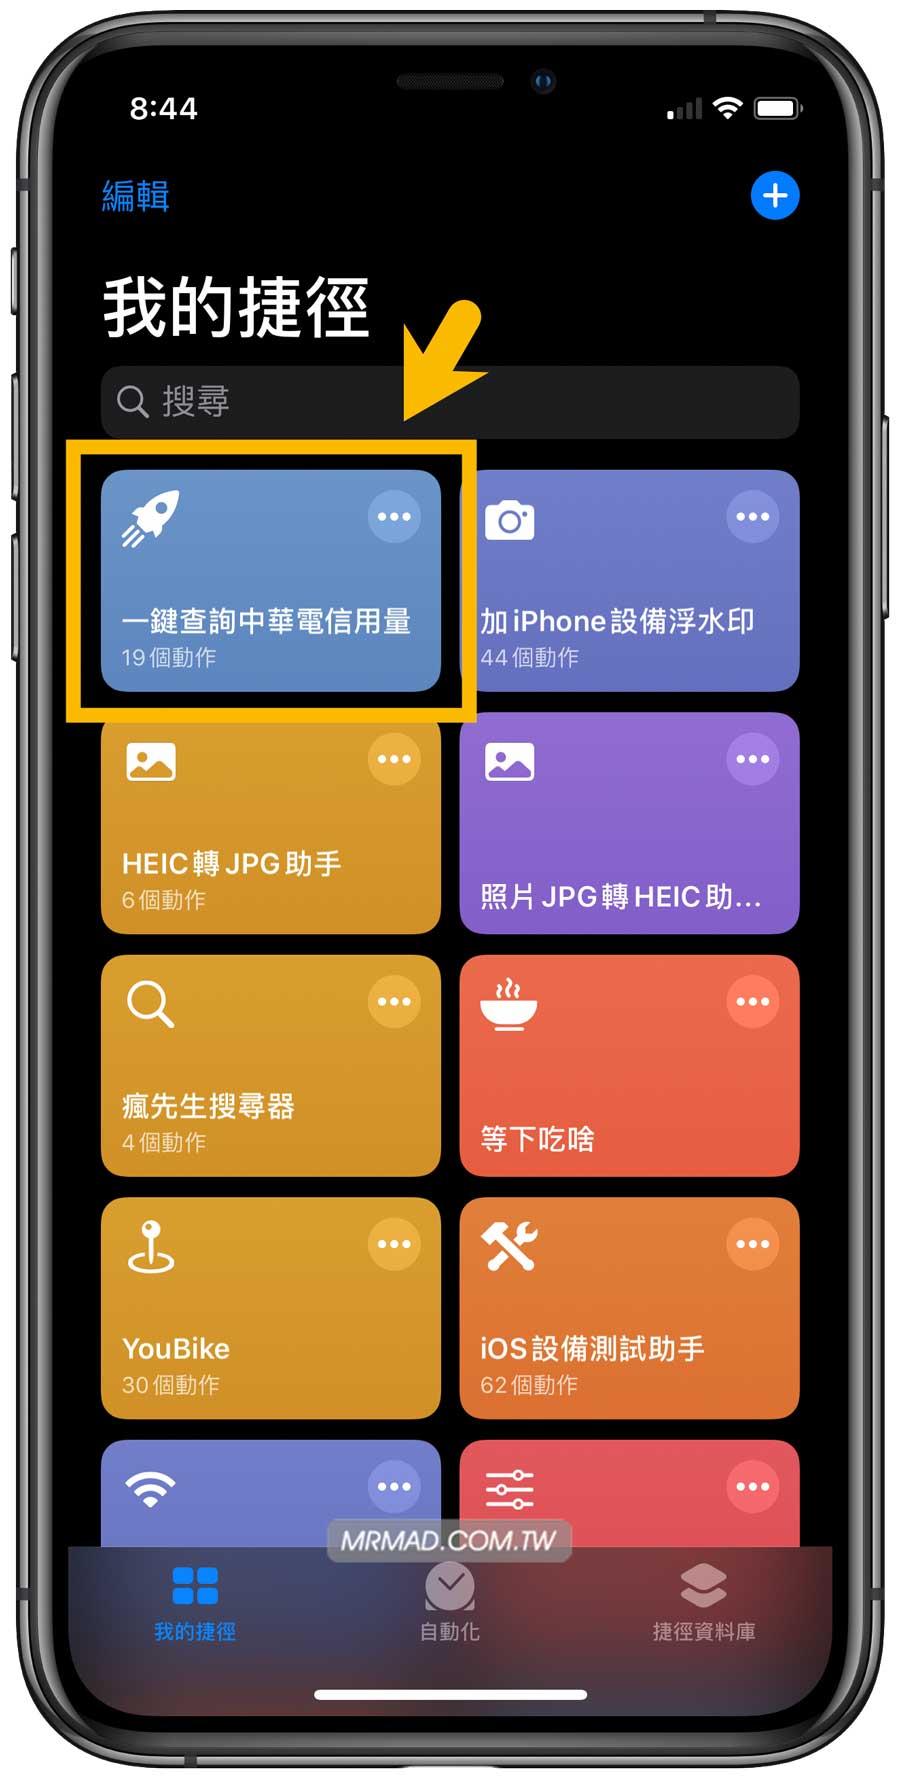 一鍵查詢中華電信用量 捷徑使用教學1